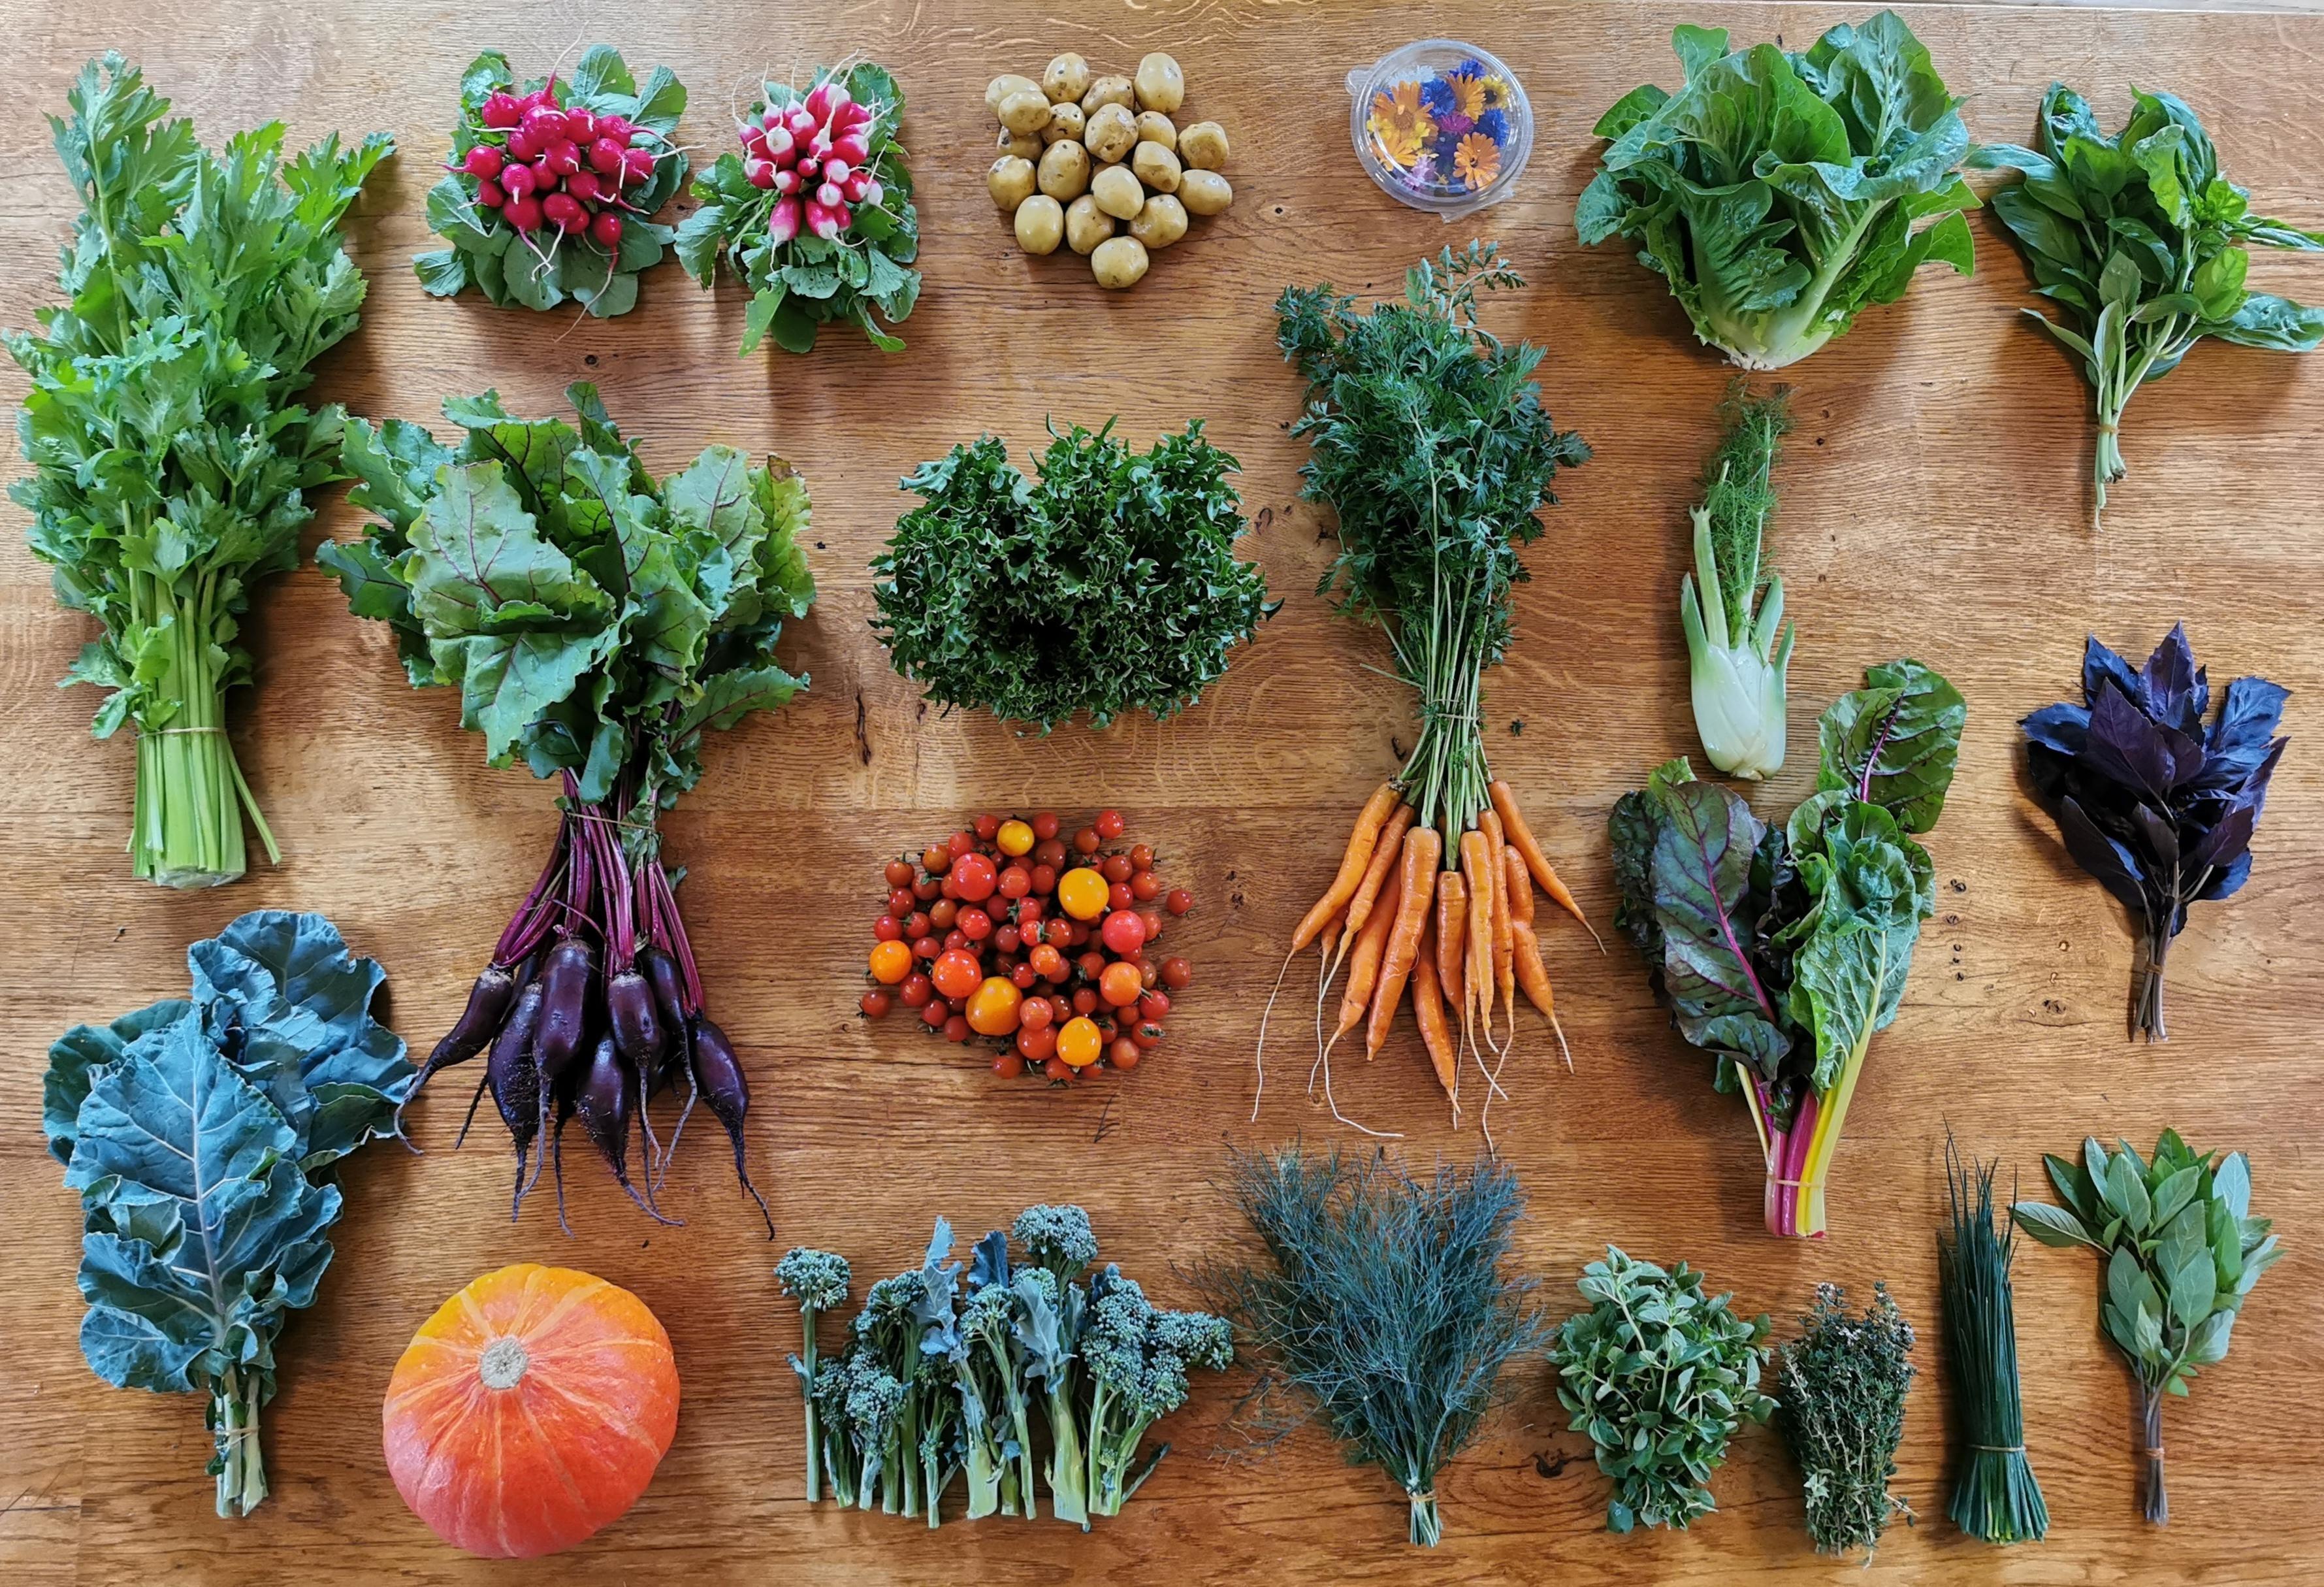 Ny rapport: Landbrug skal producere mere føde til mennesker og mindre foder til dyr